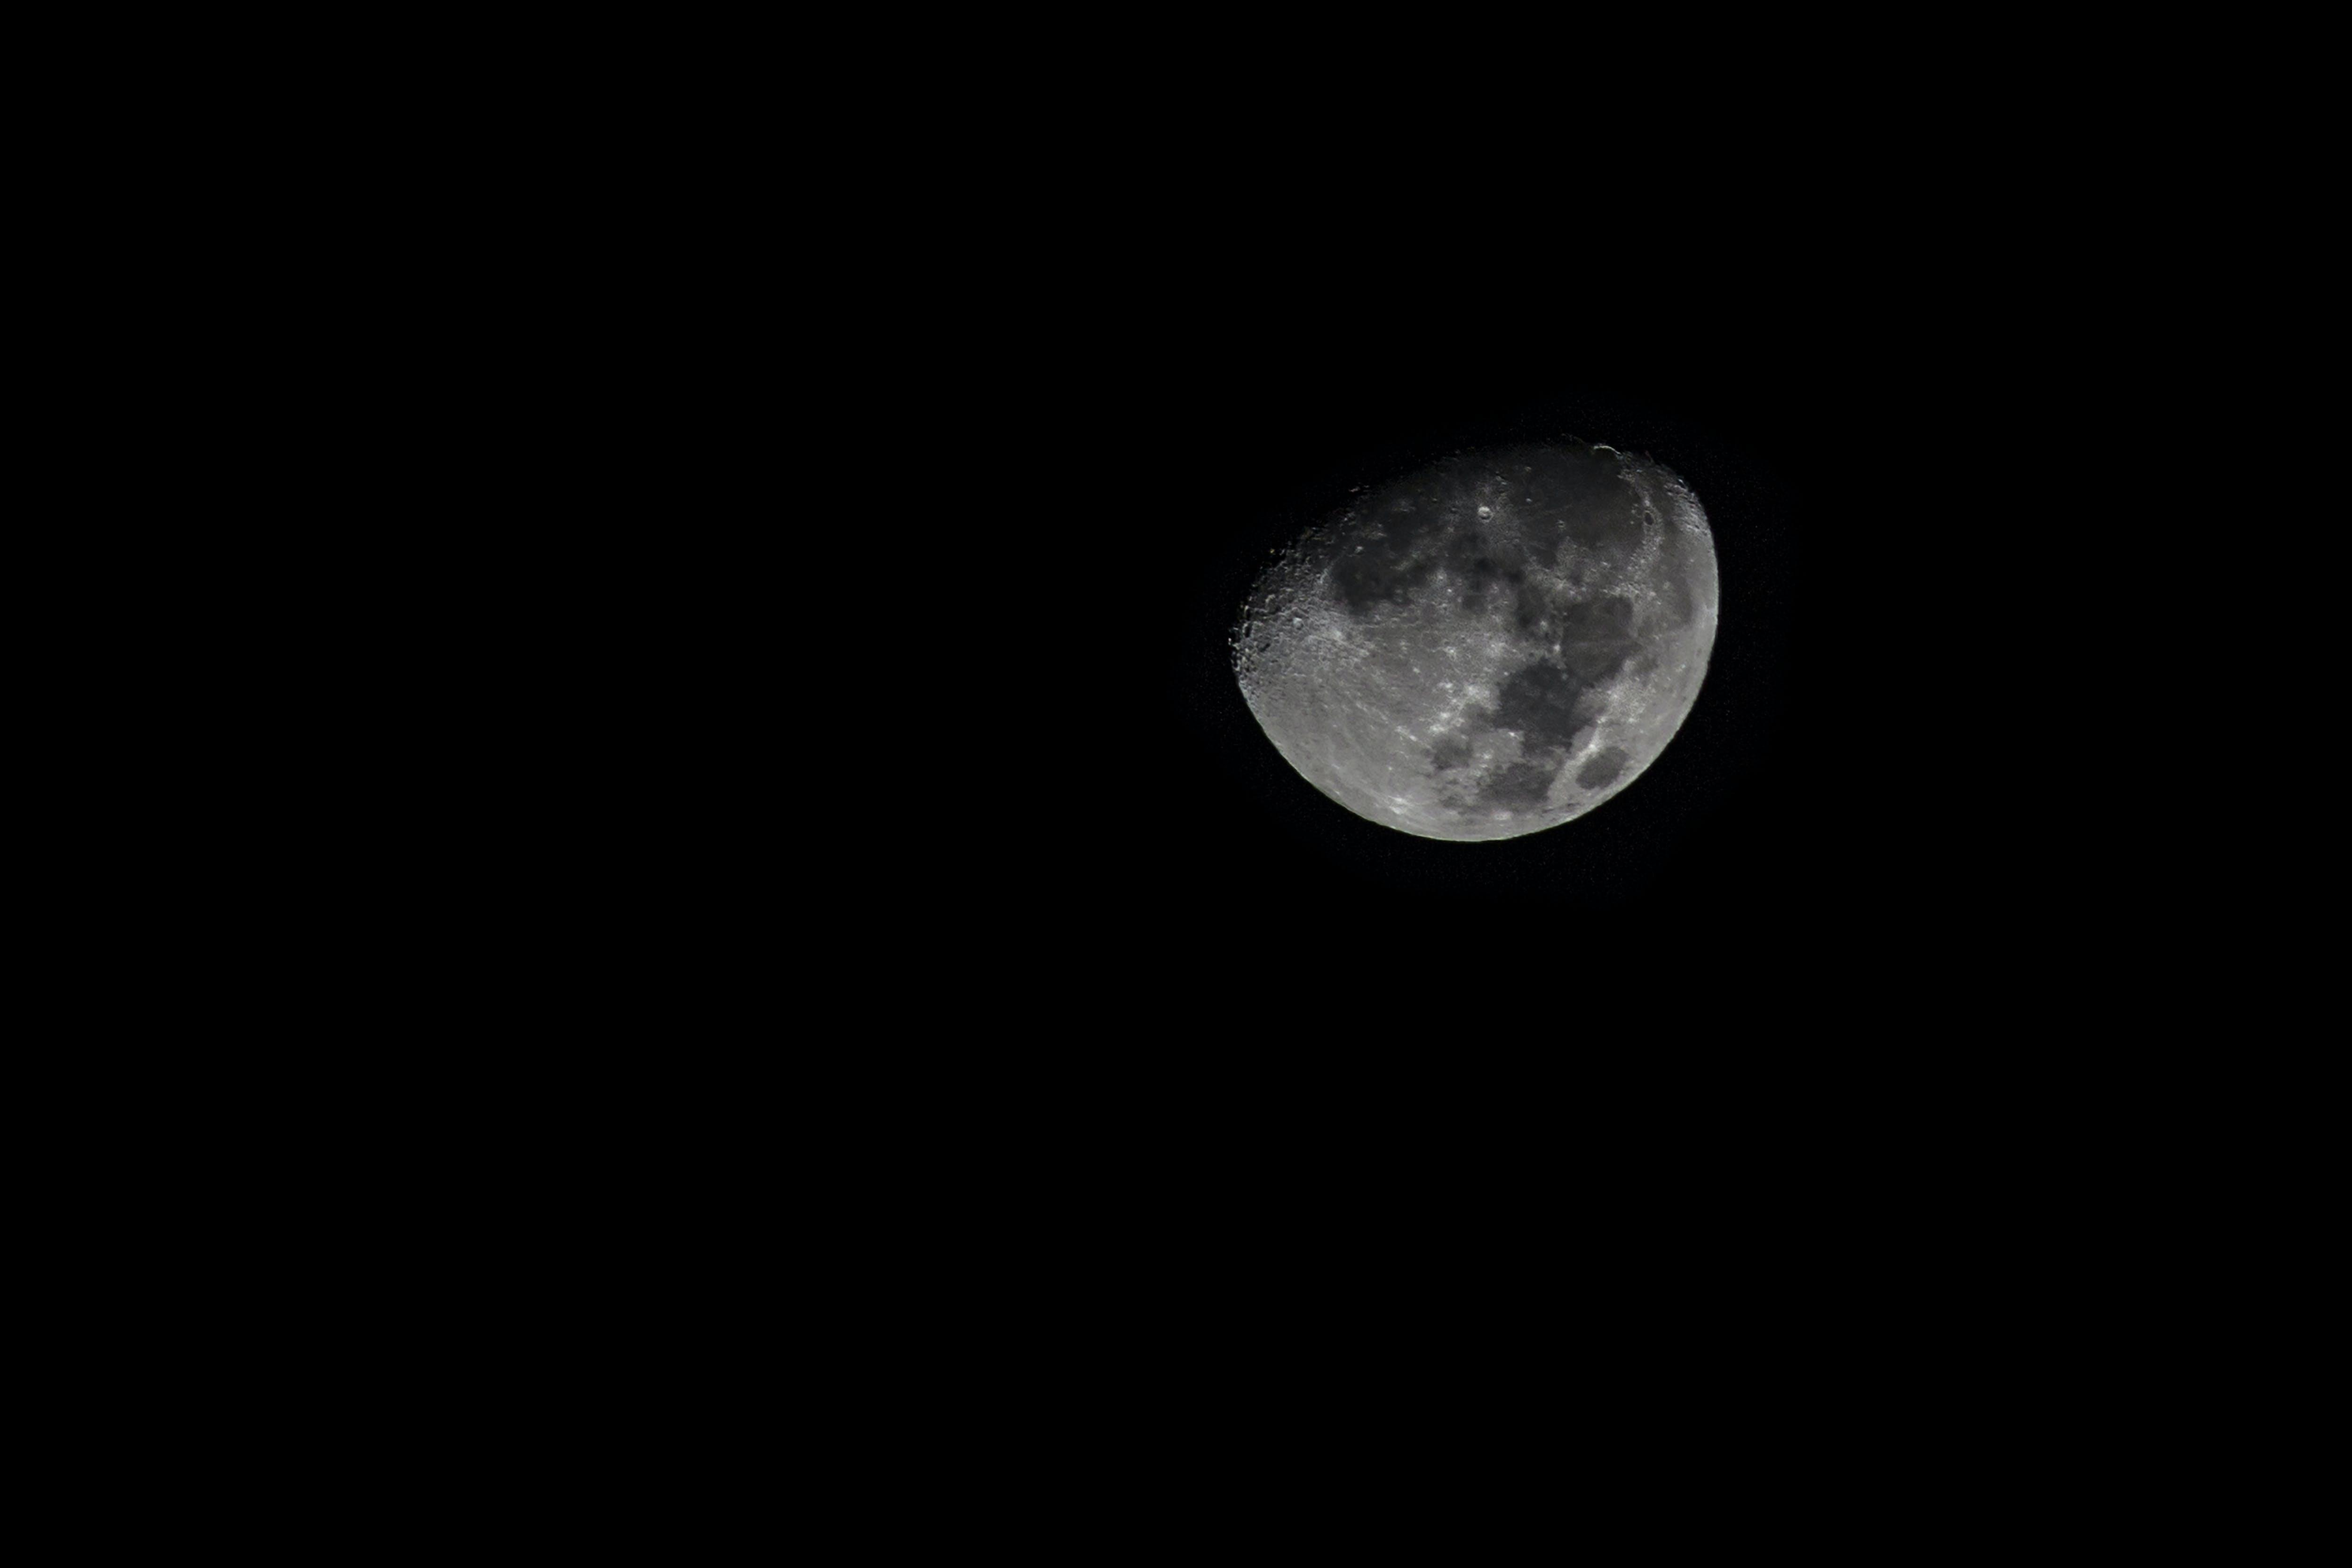 black-and-white, dark, moon